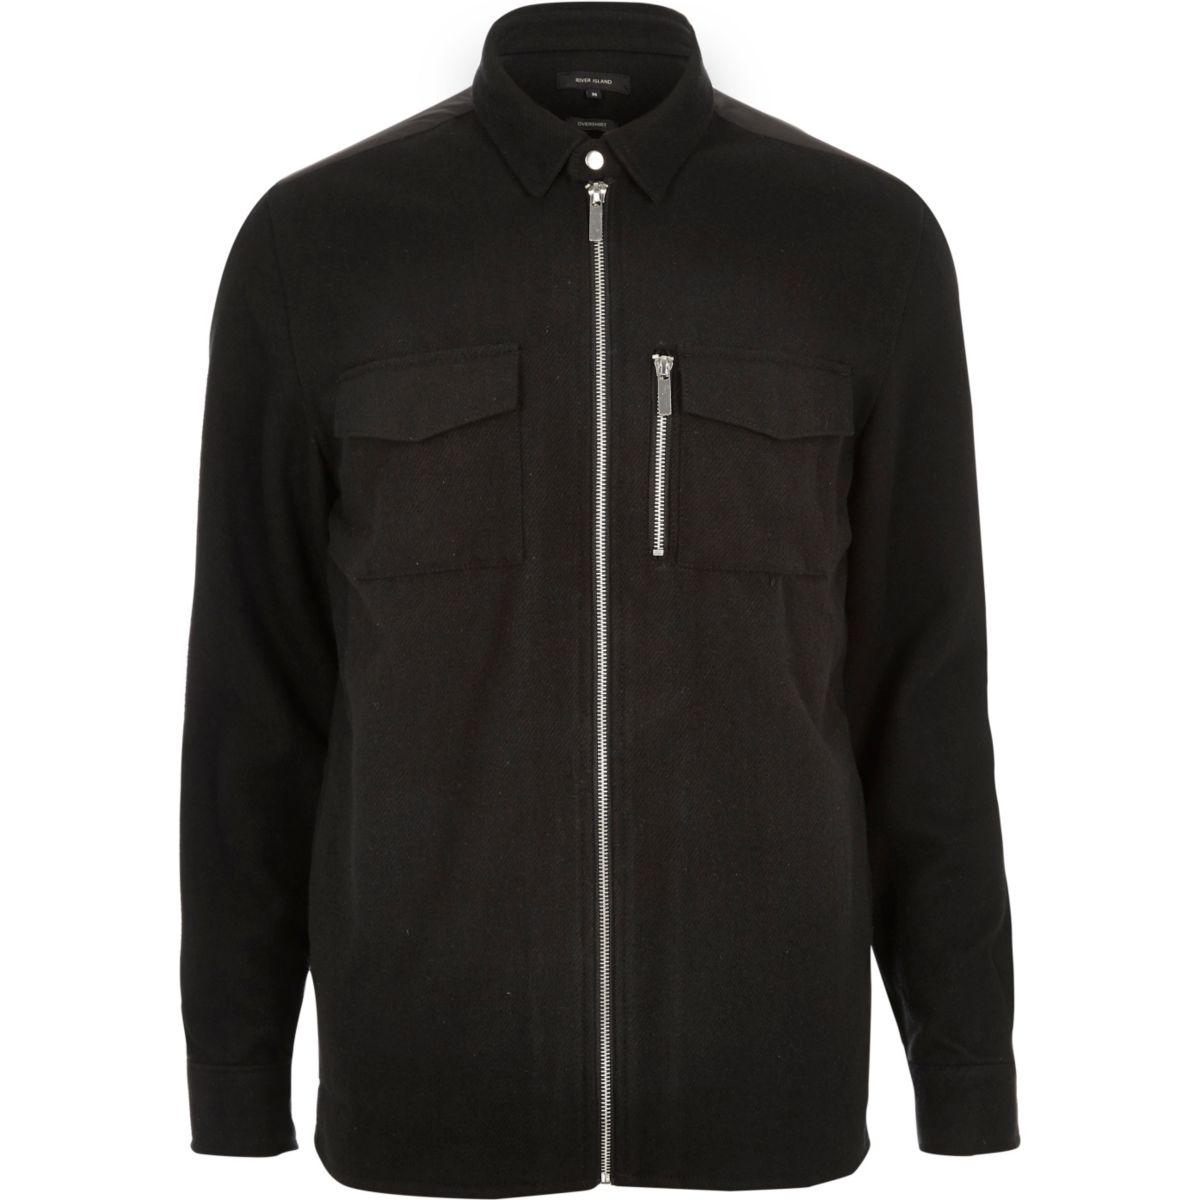 Schwarze Flannelhemdjacke mit Reißverschluss